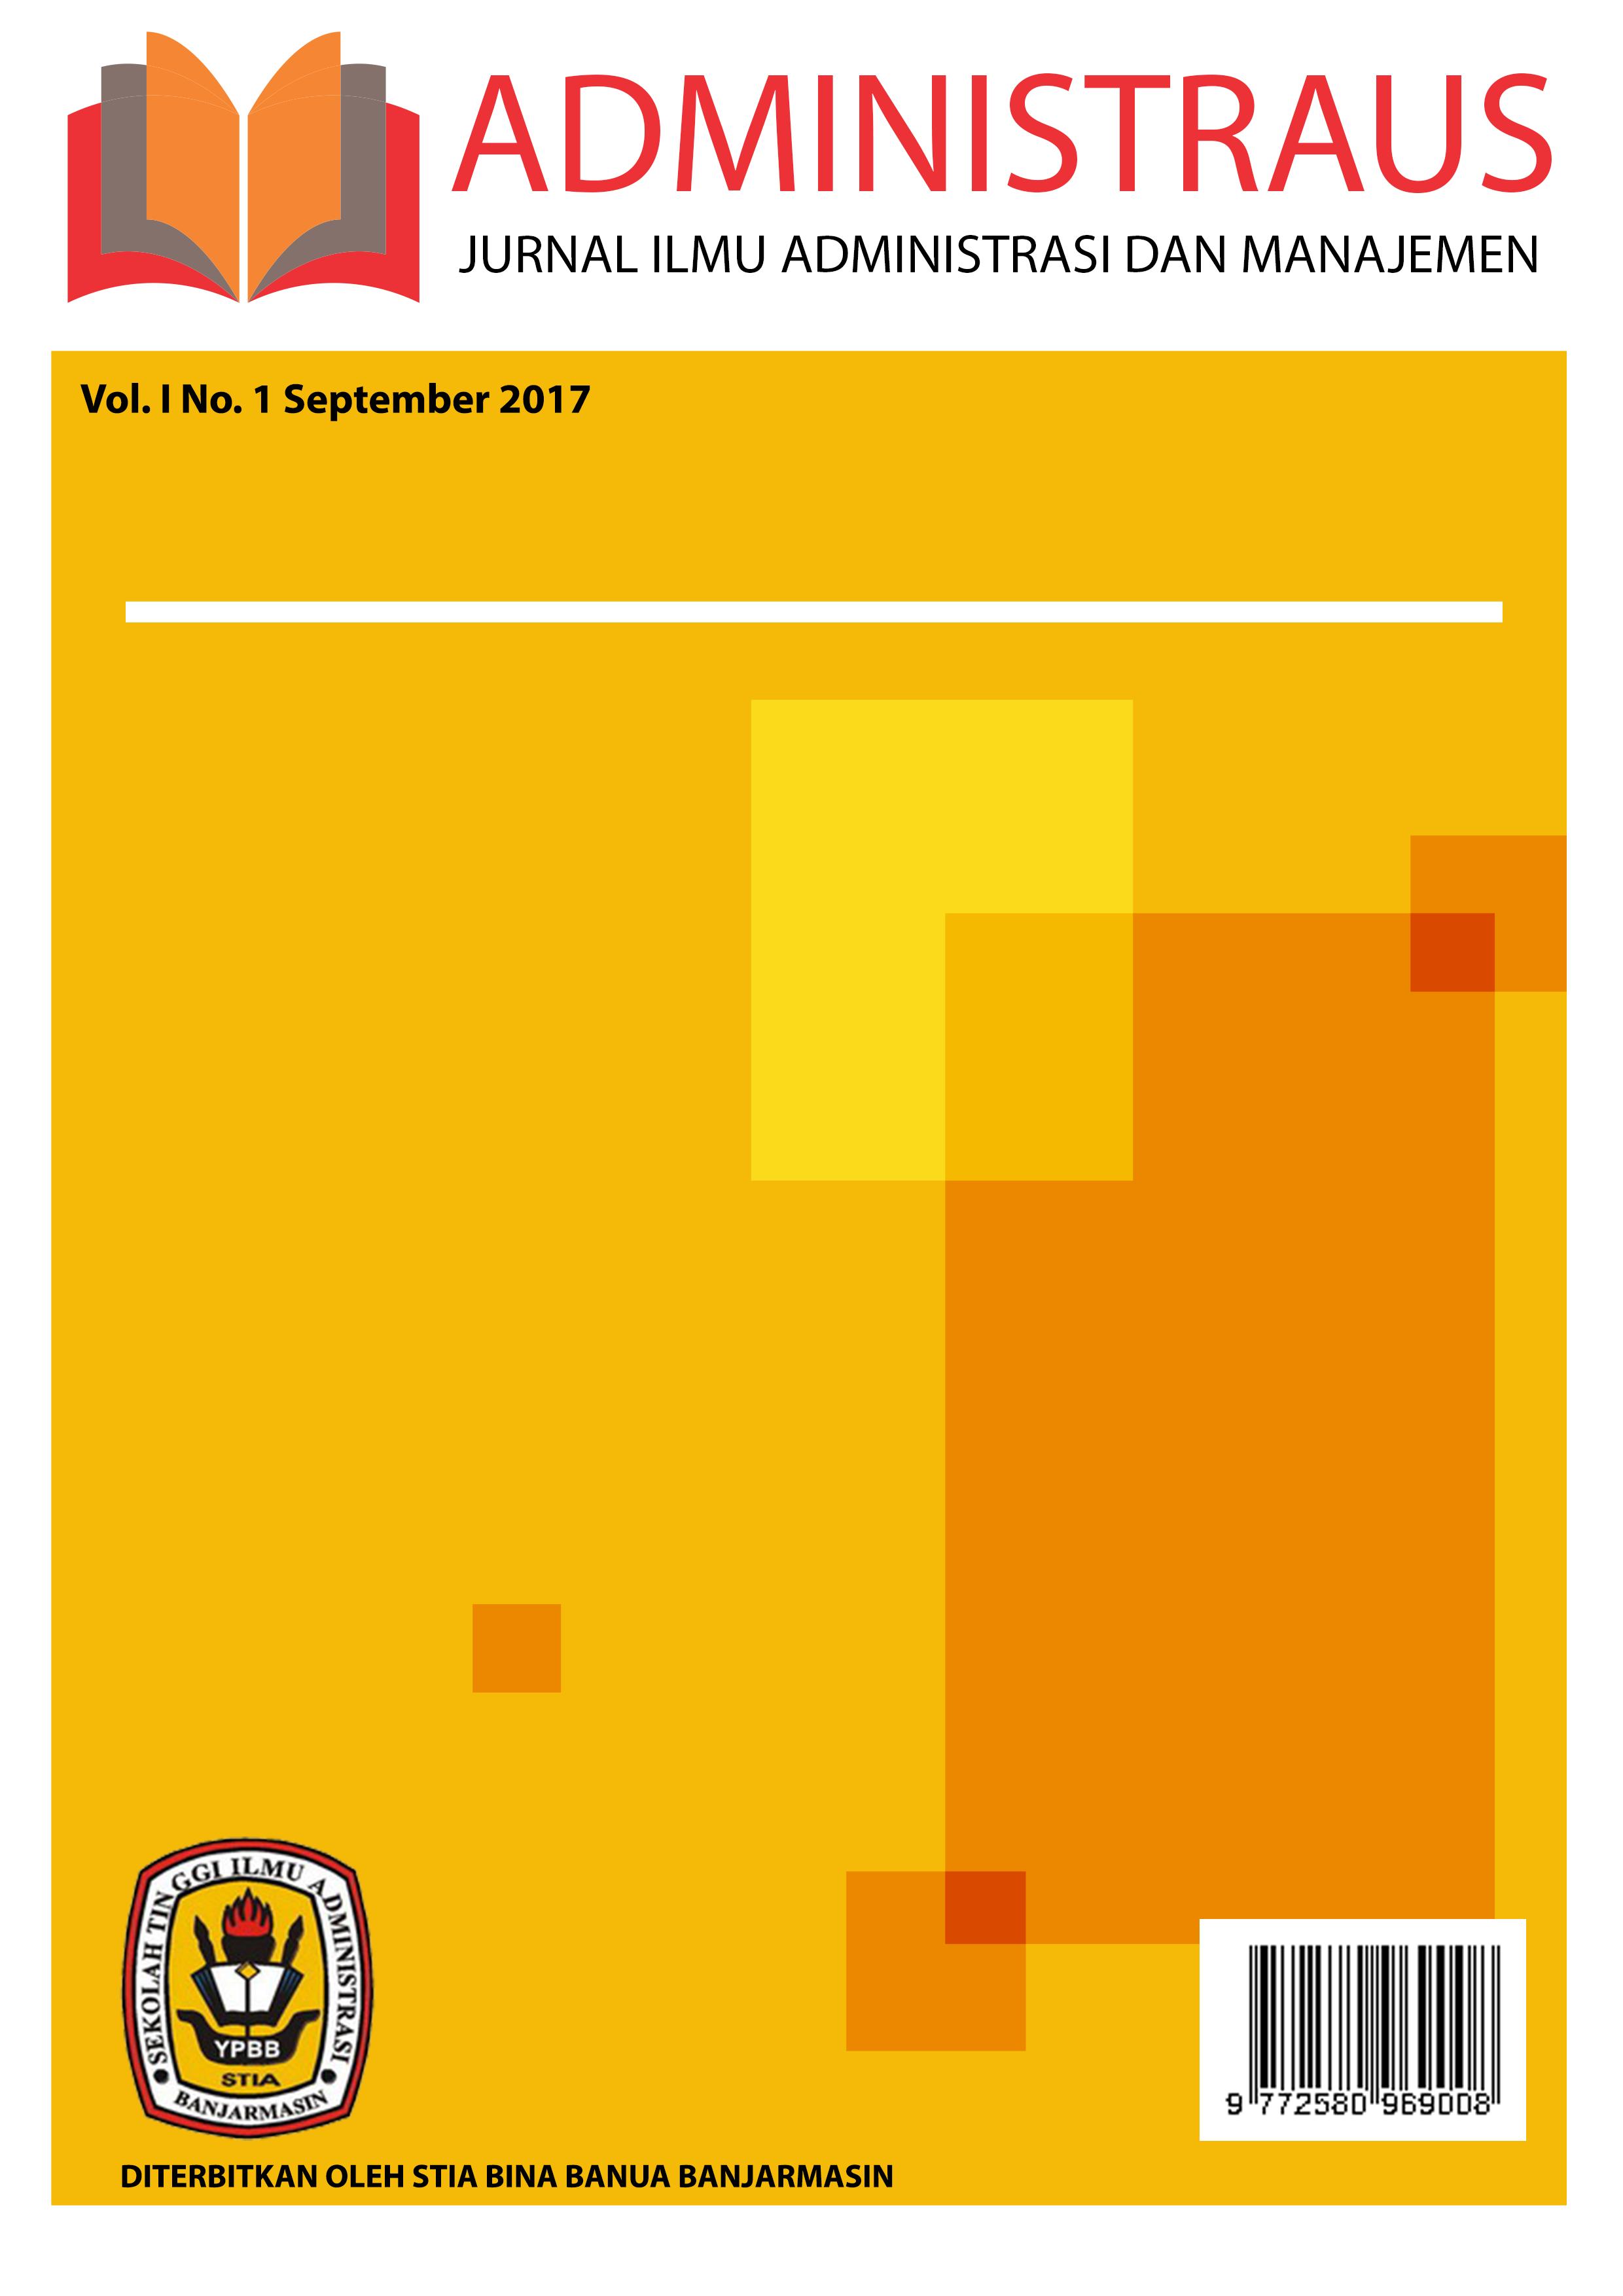 Administraus Jurnal Ilmu Administrasi dan Manajemen Vol 1 No 1 Tahun 2017